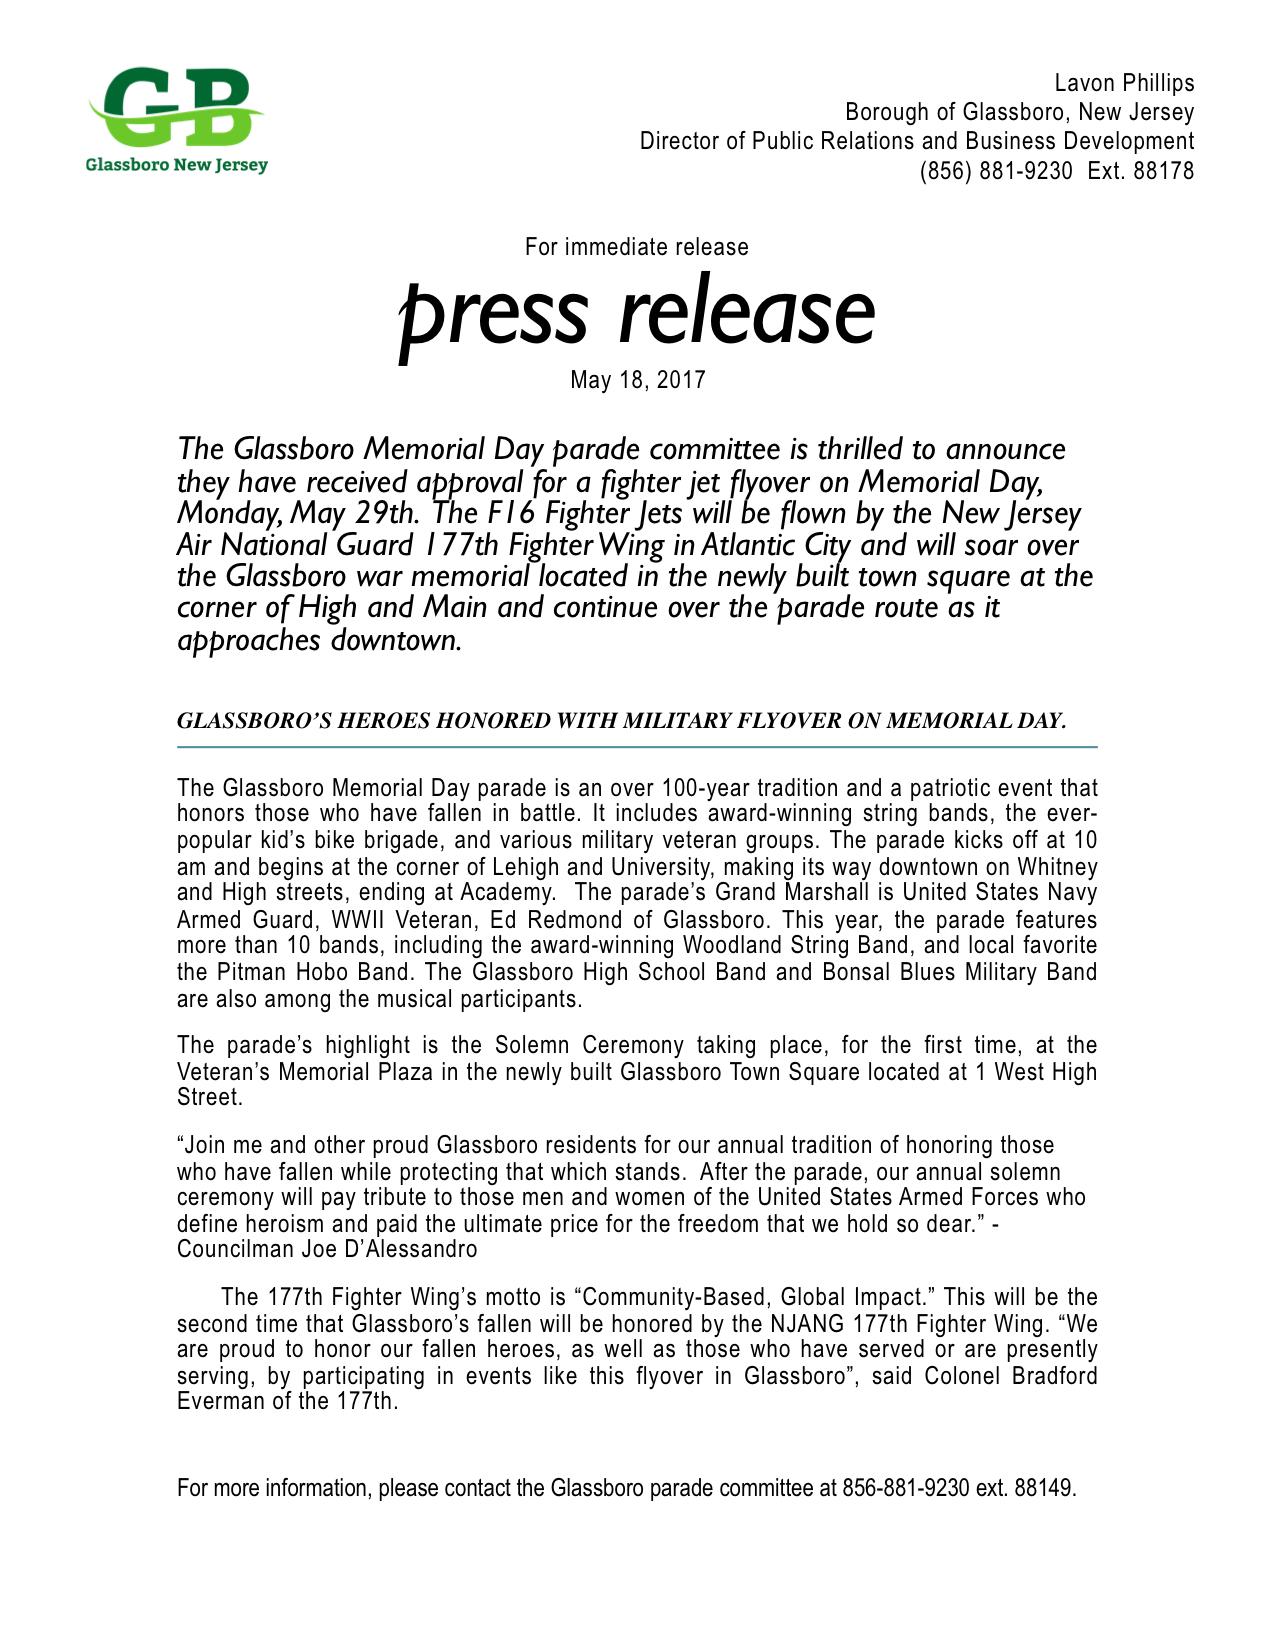 glassboro memorial day parade press release